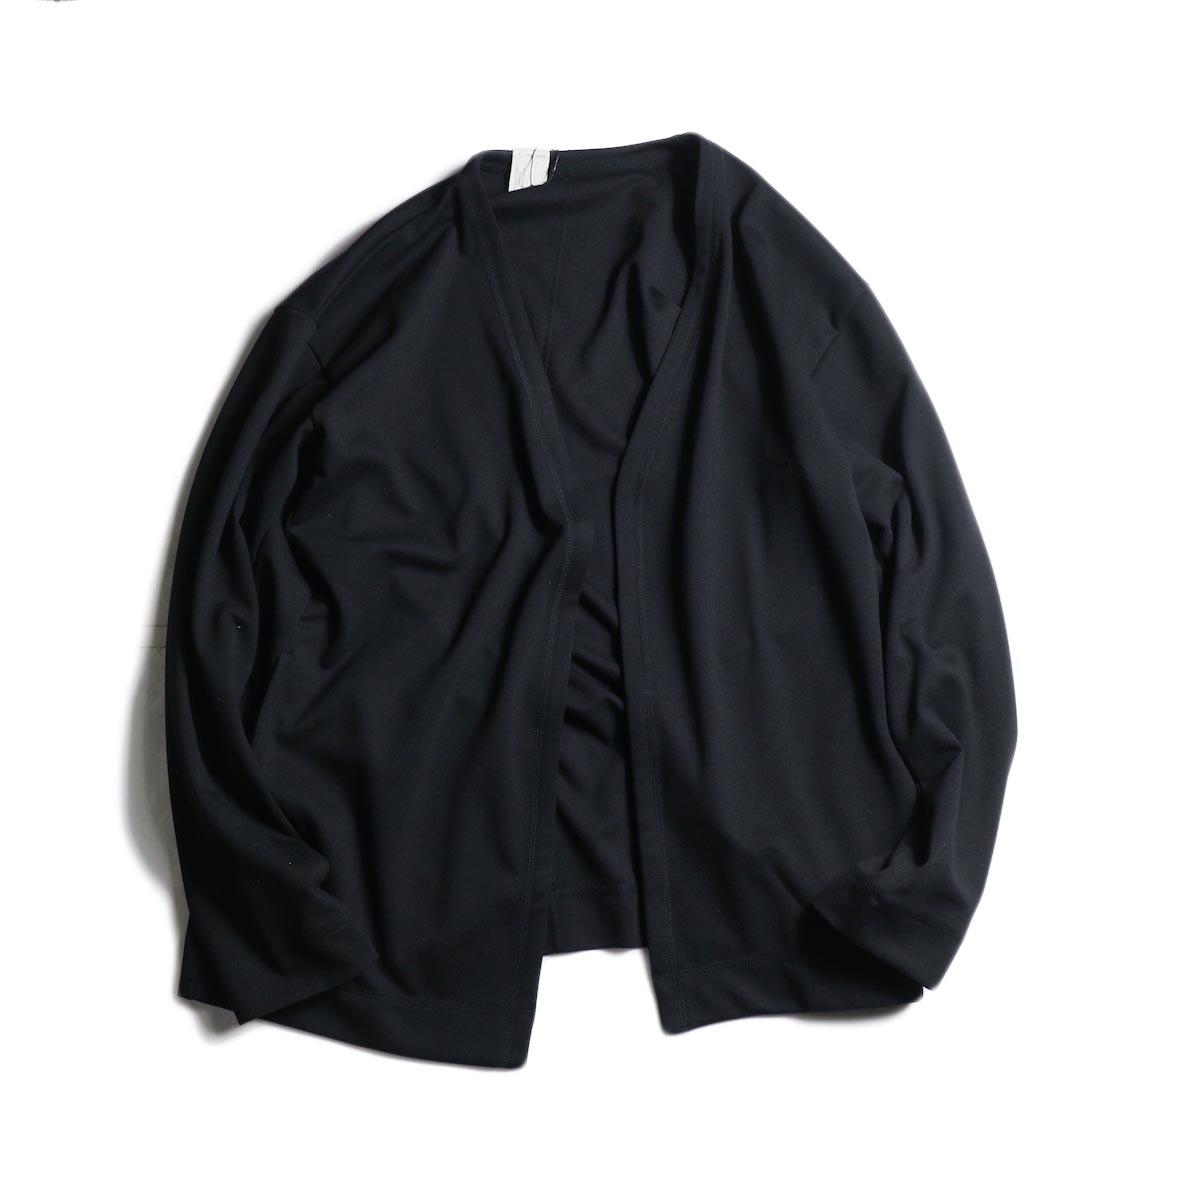 N.HOOLYWOOD / 18RCH-090 Cardigan (Black)